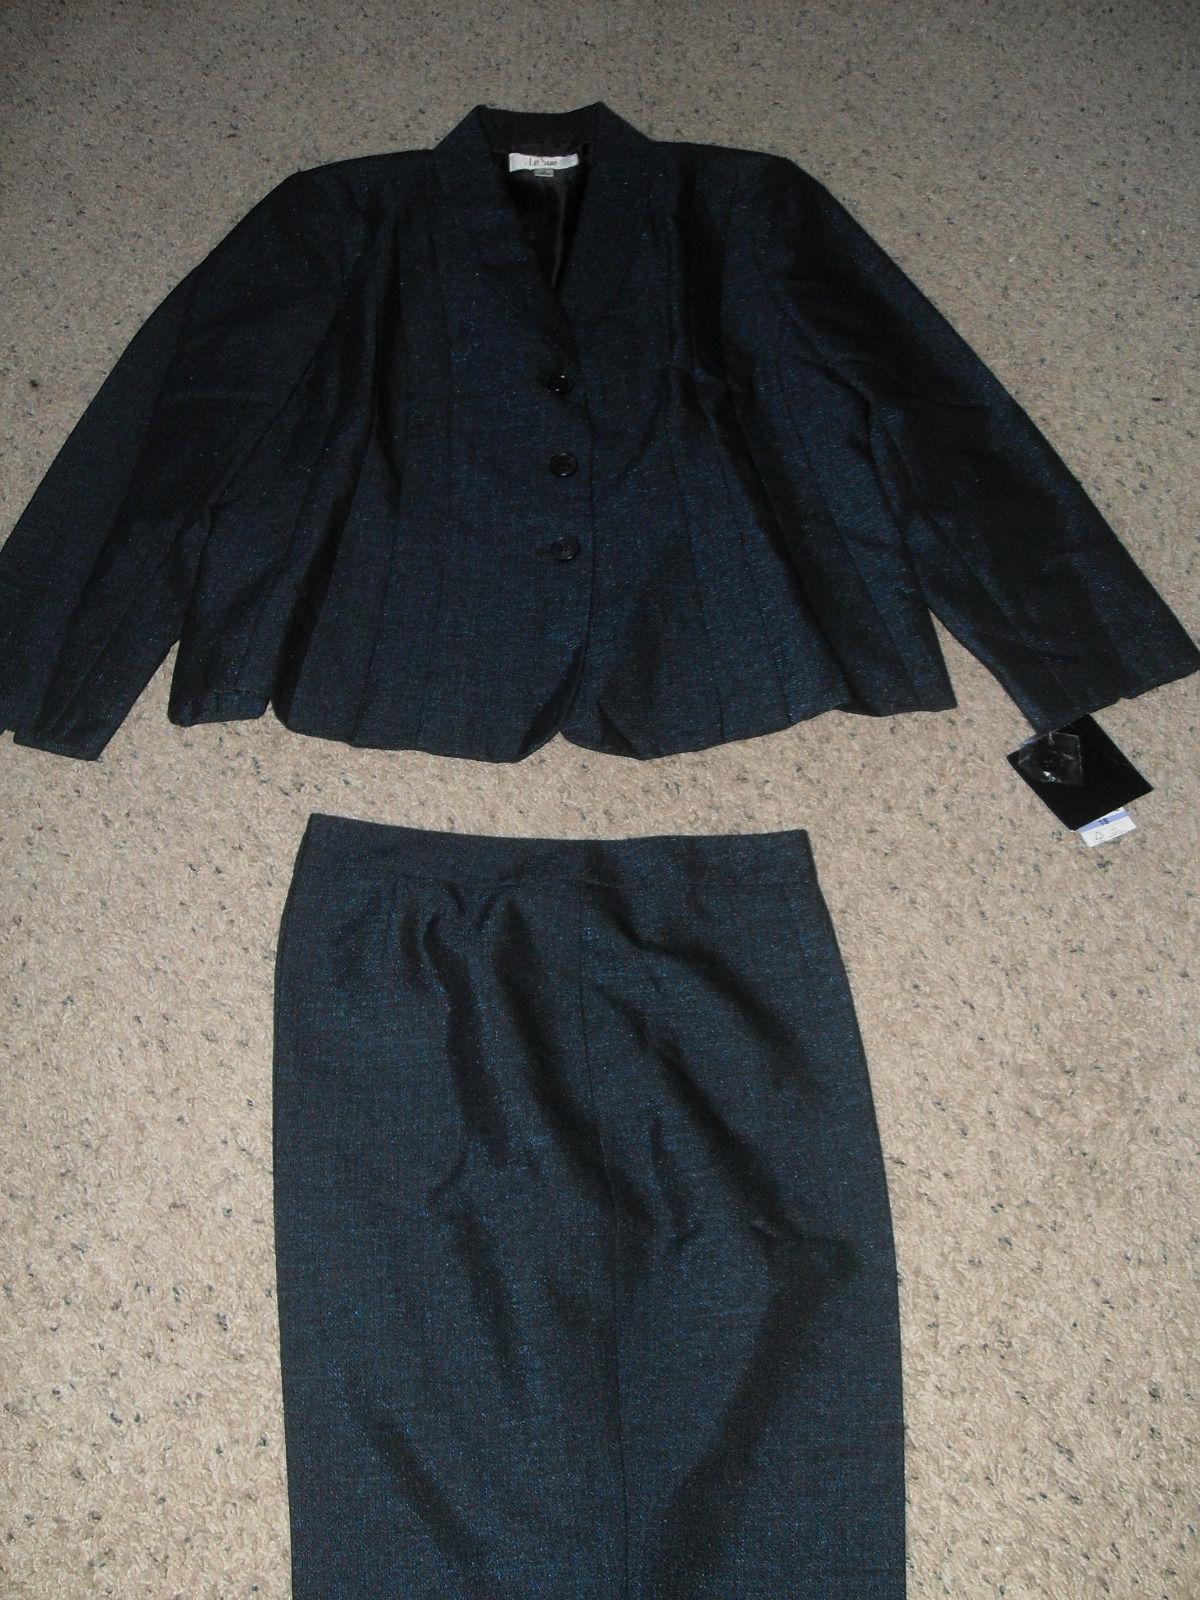 Le Suit Blue Print New Black/Cobalt Seamed Front Shawl Collar Pant Suit  18 - $69.99